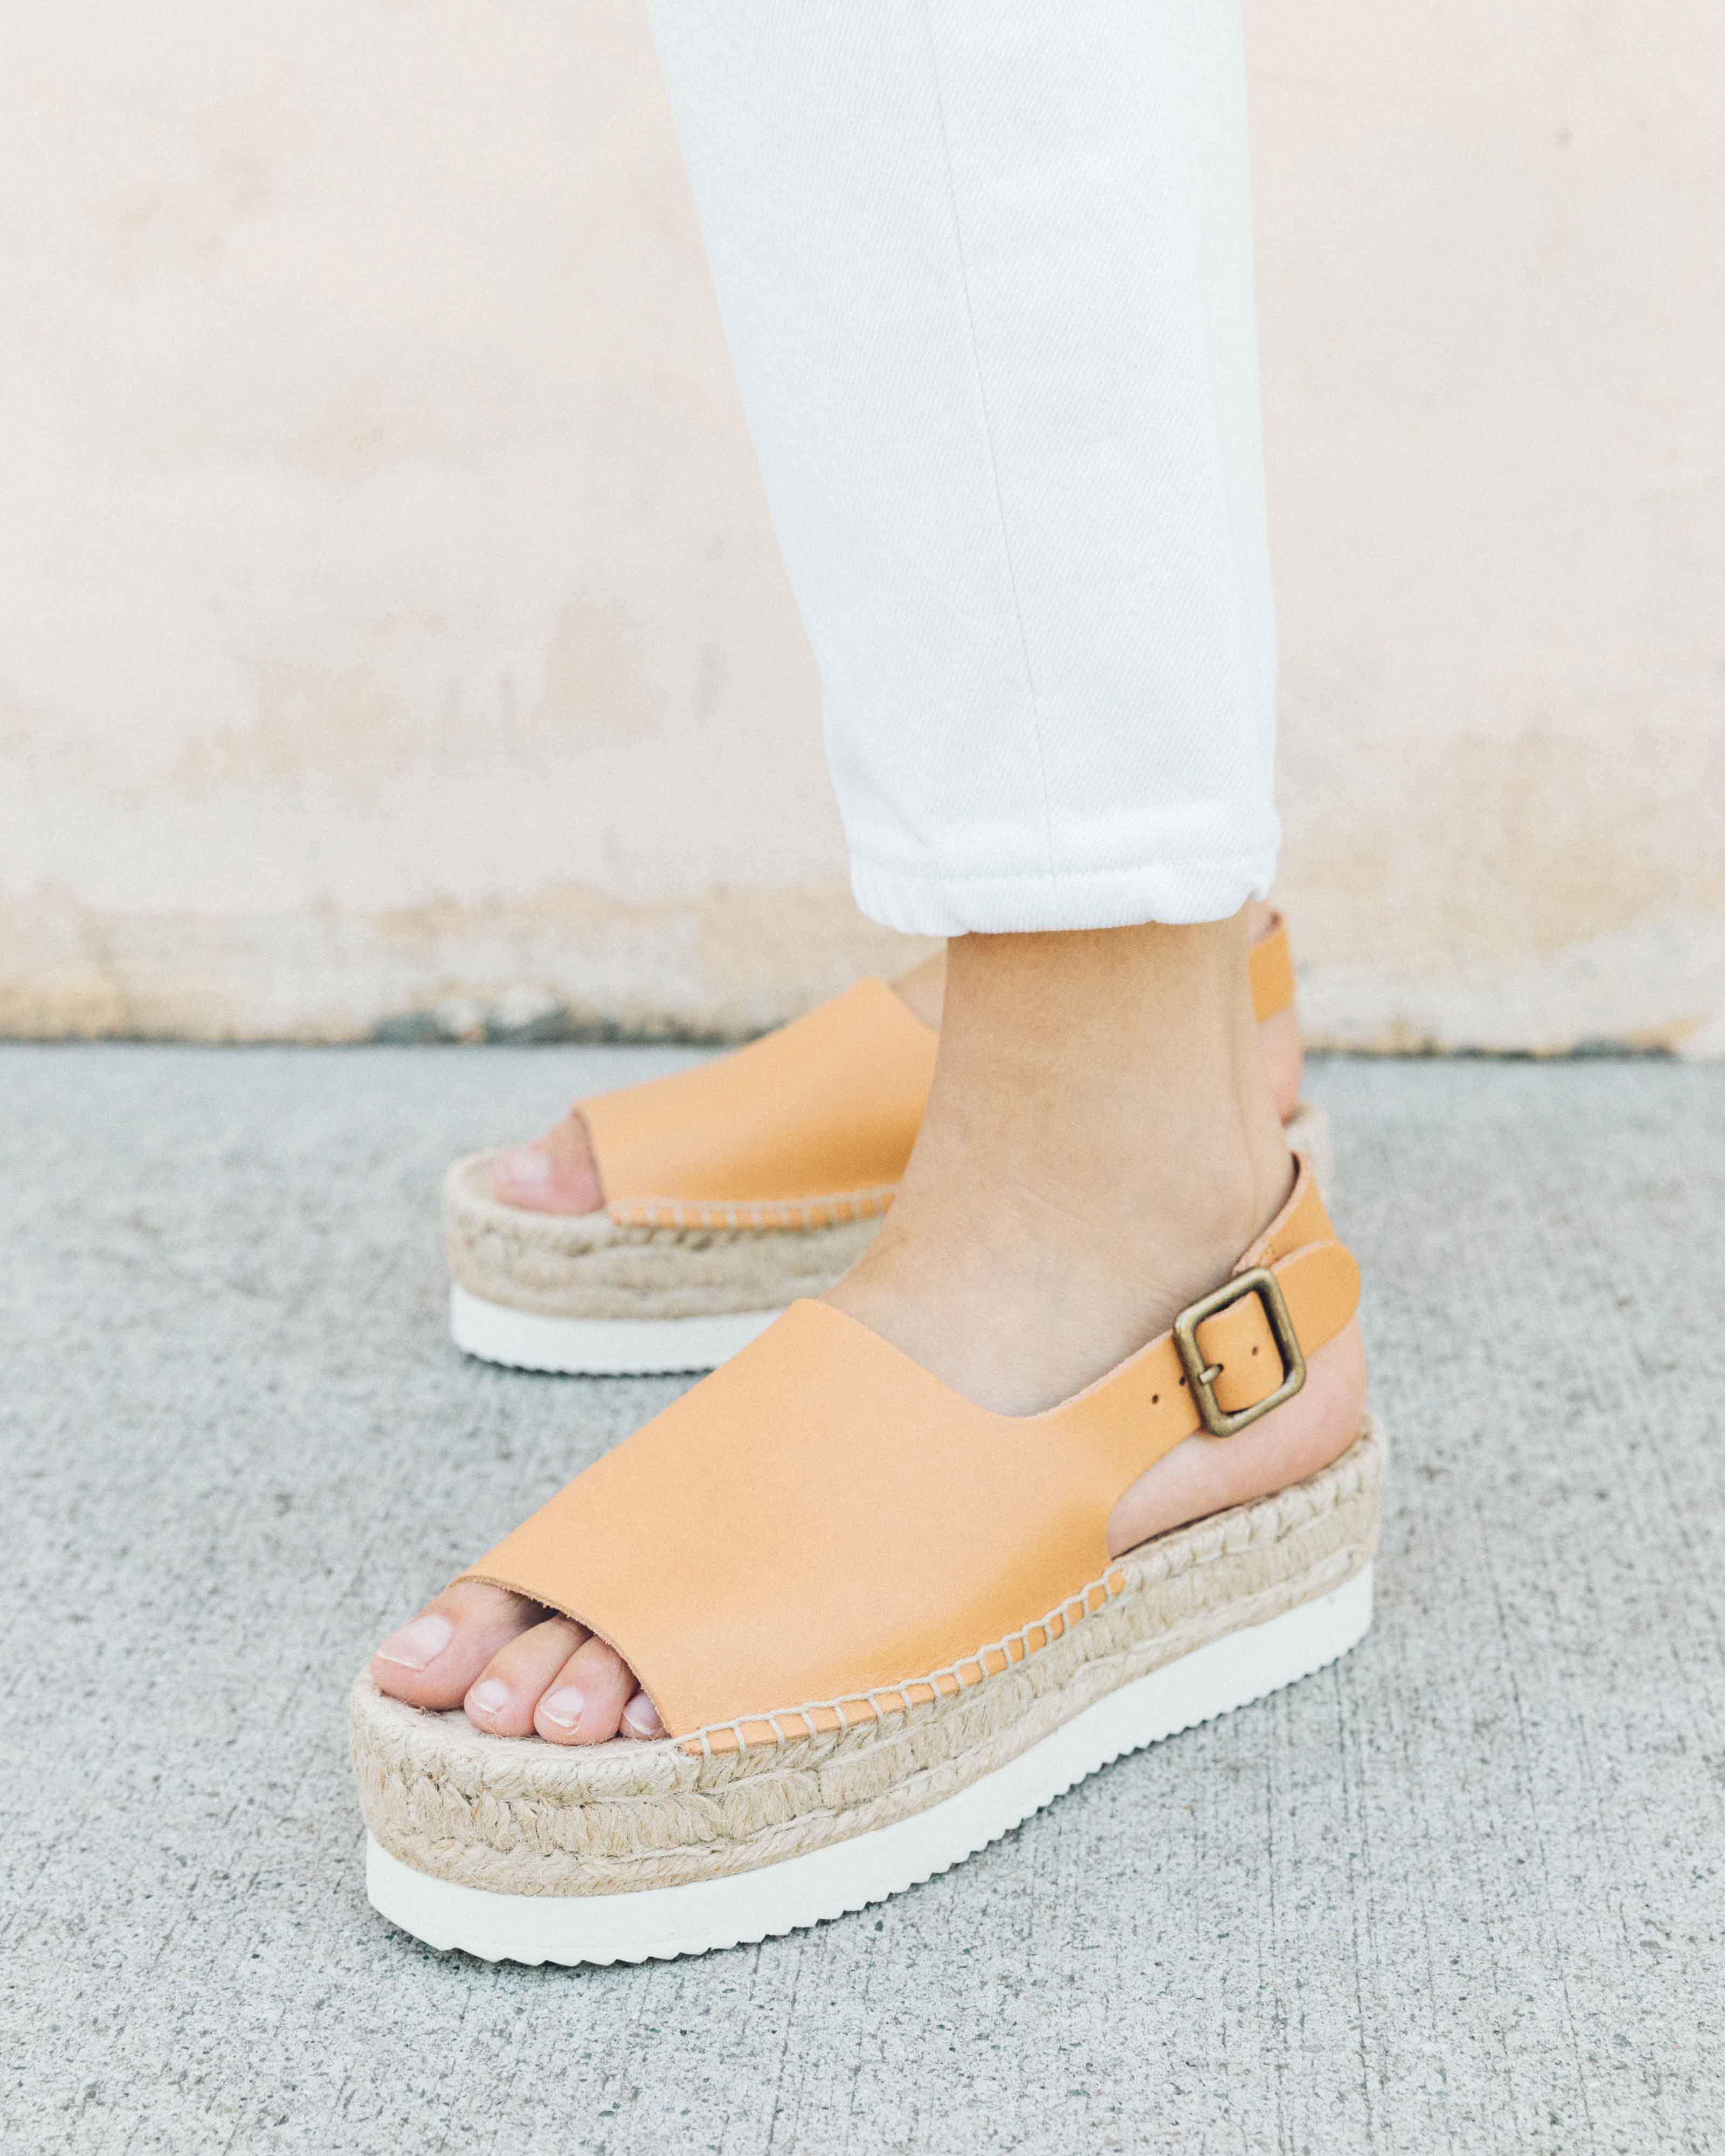 Soludos Tilda Leather Sandal 3QqP6K